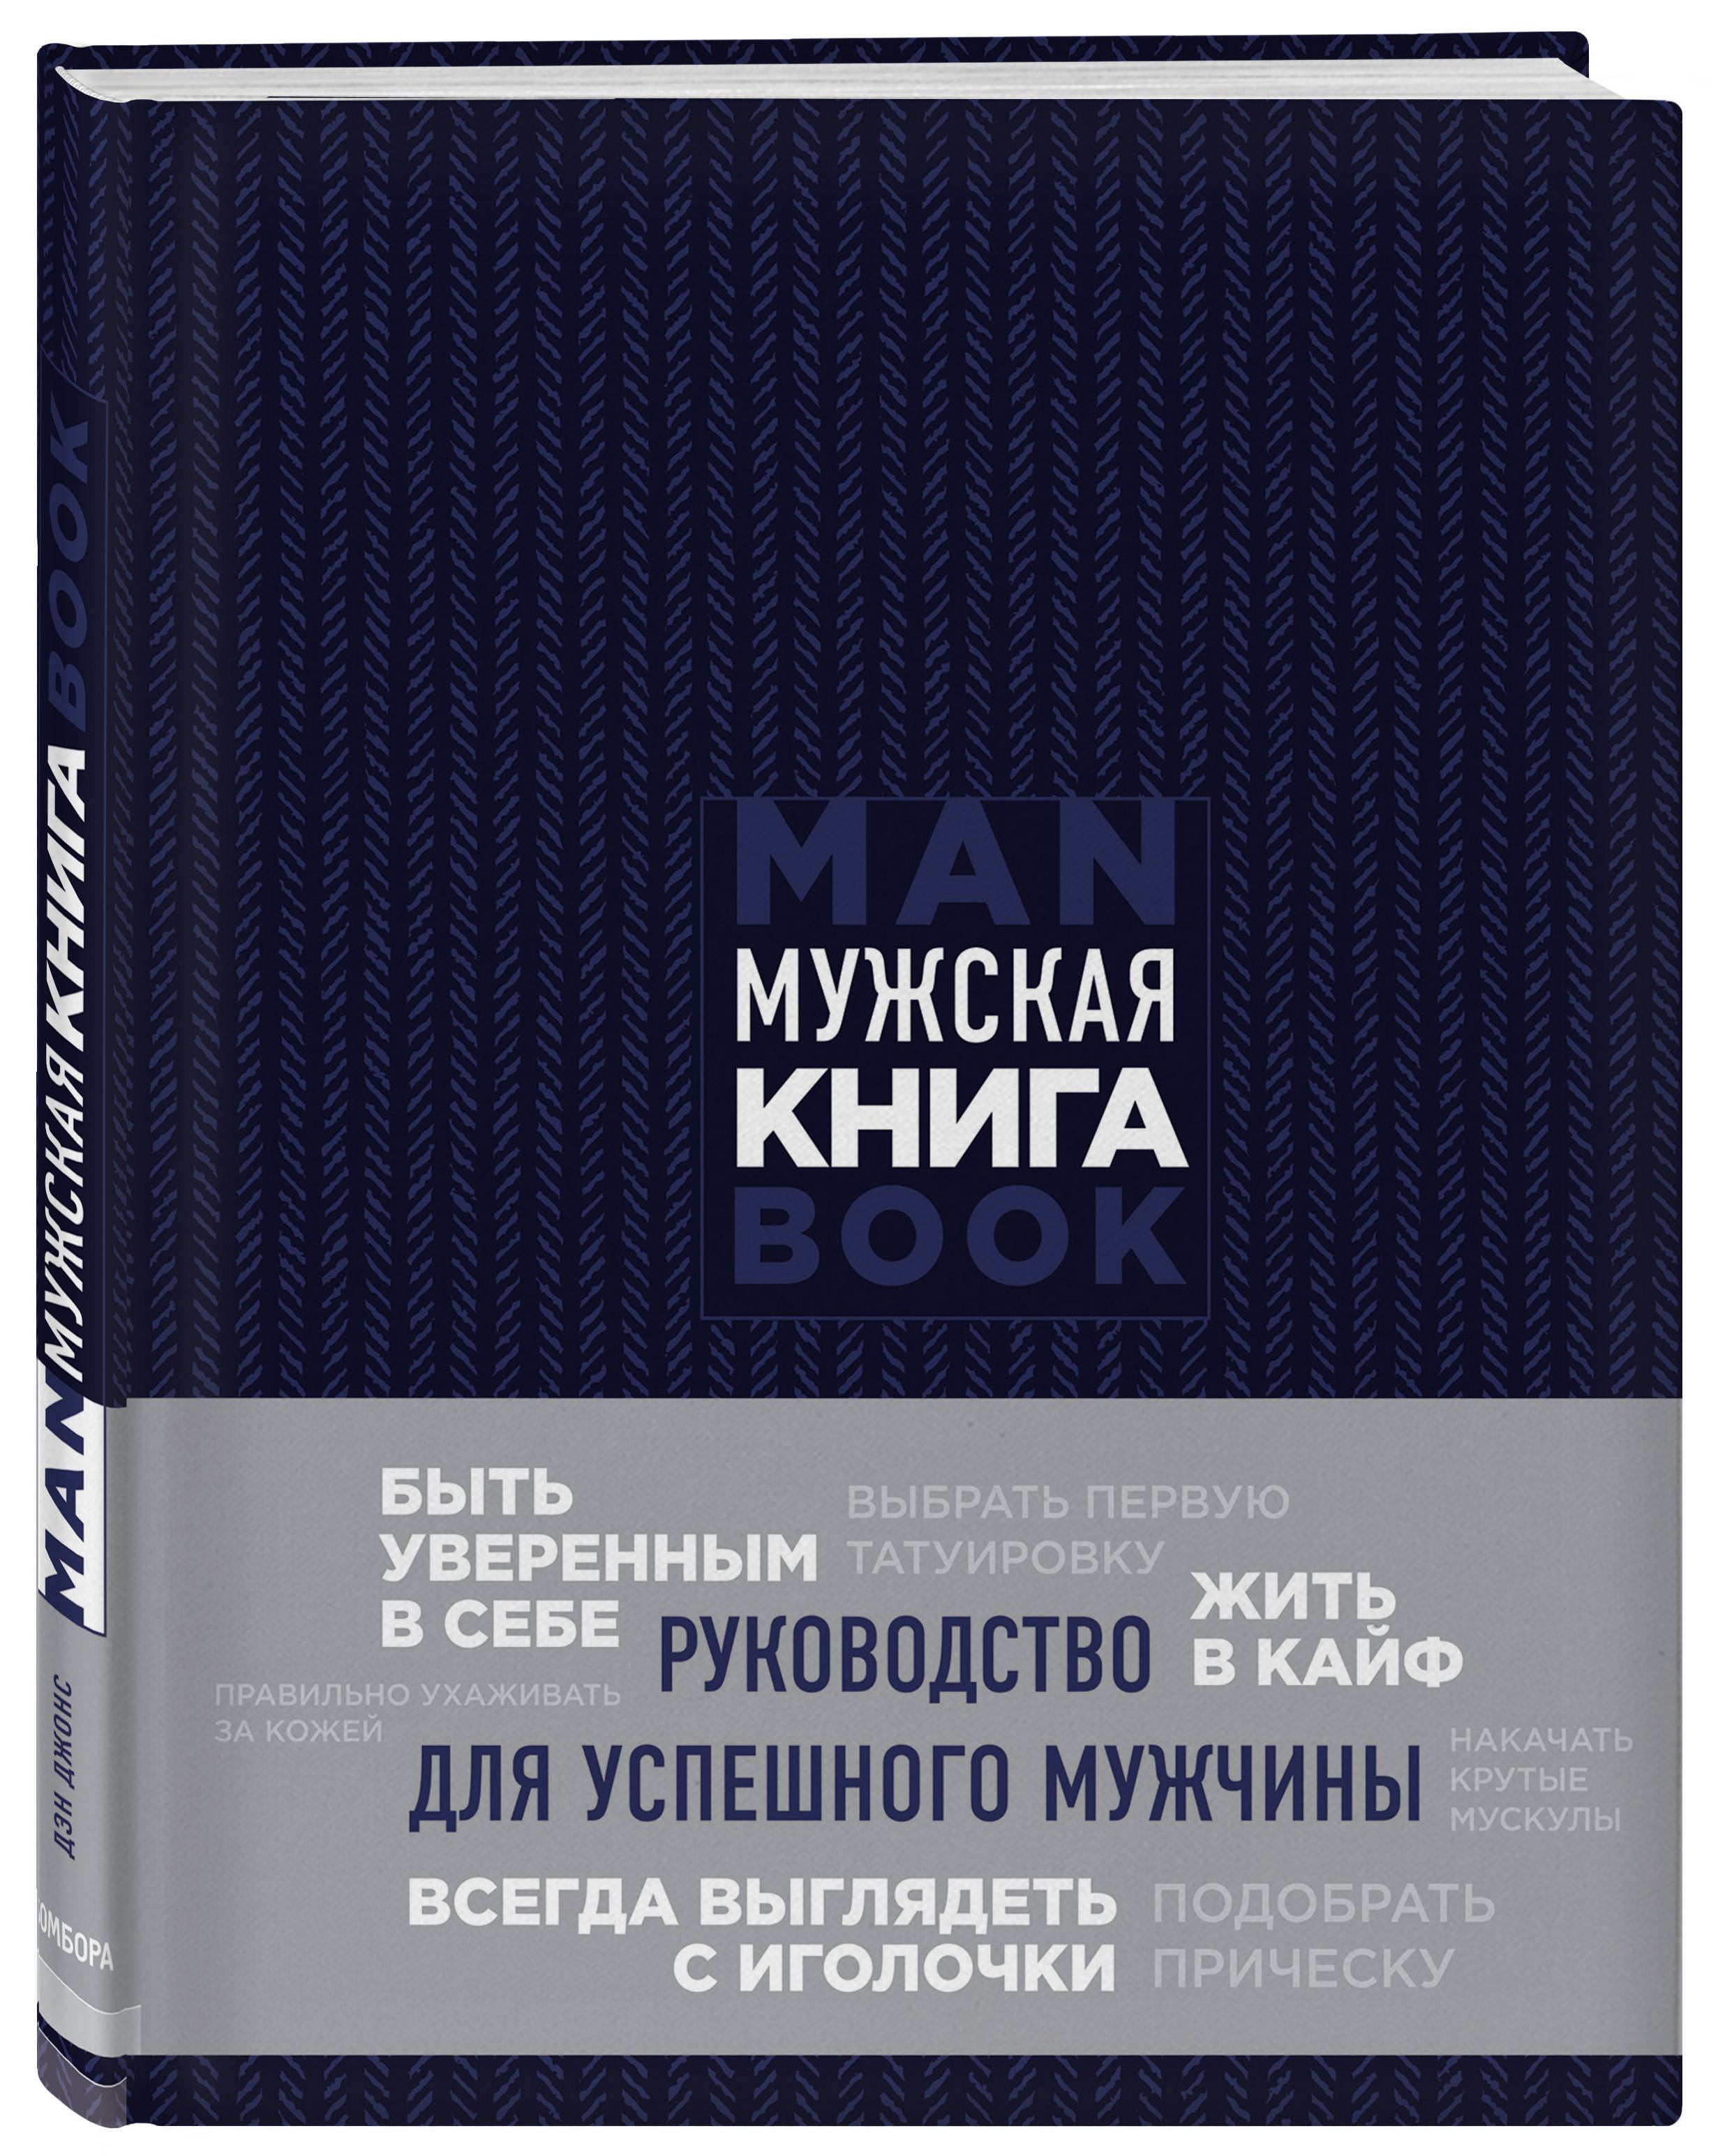 Мужская книга. Руководство для успешного мужчины ( Джонс Д.  )